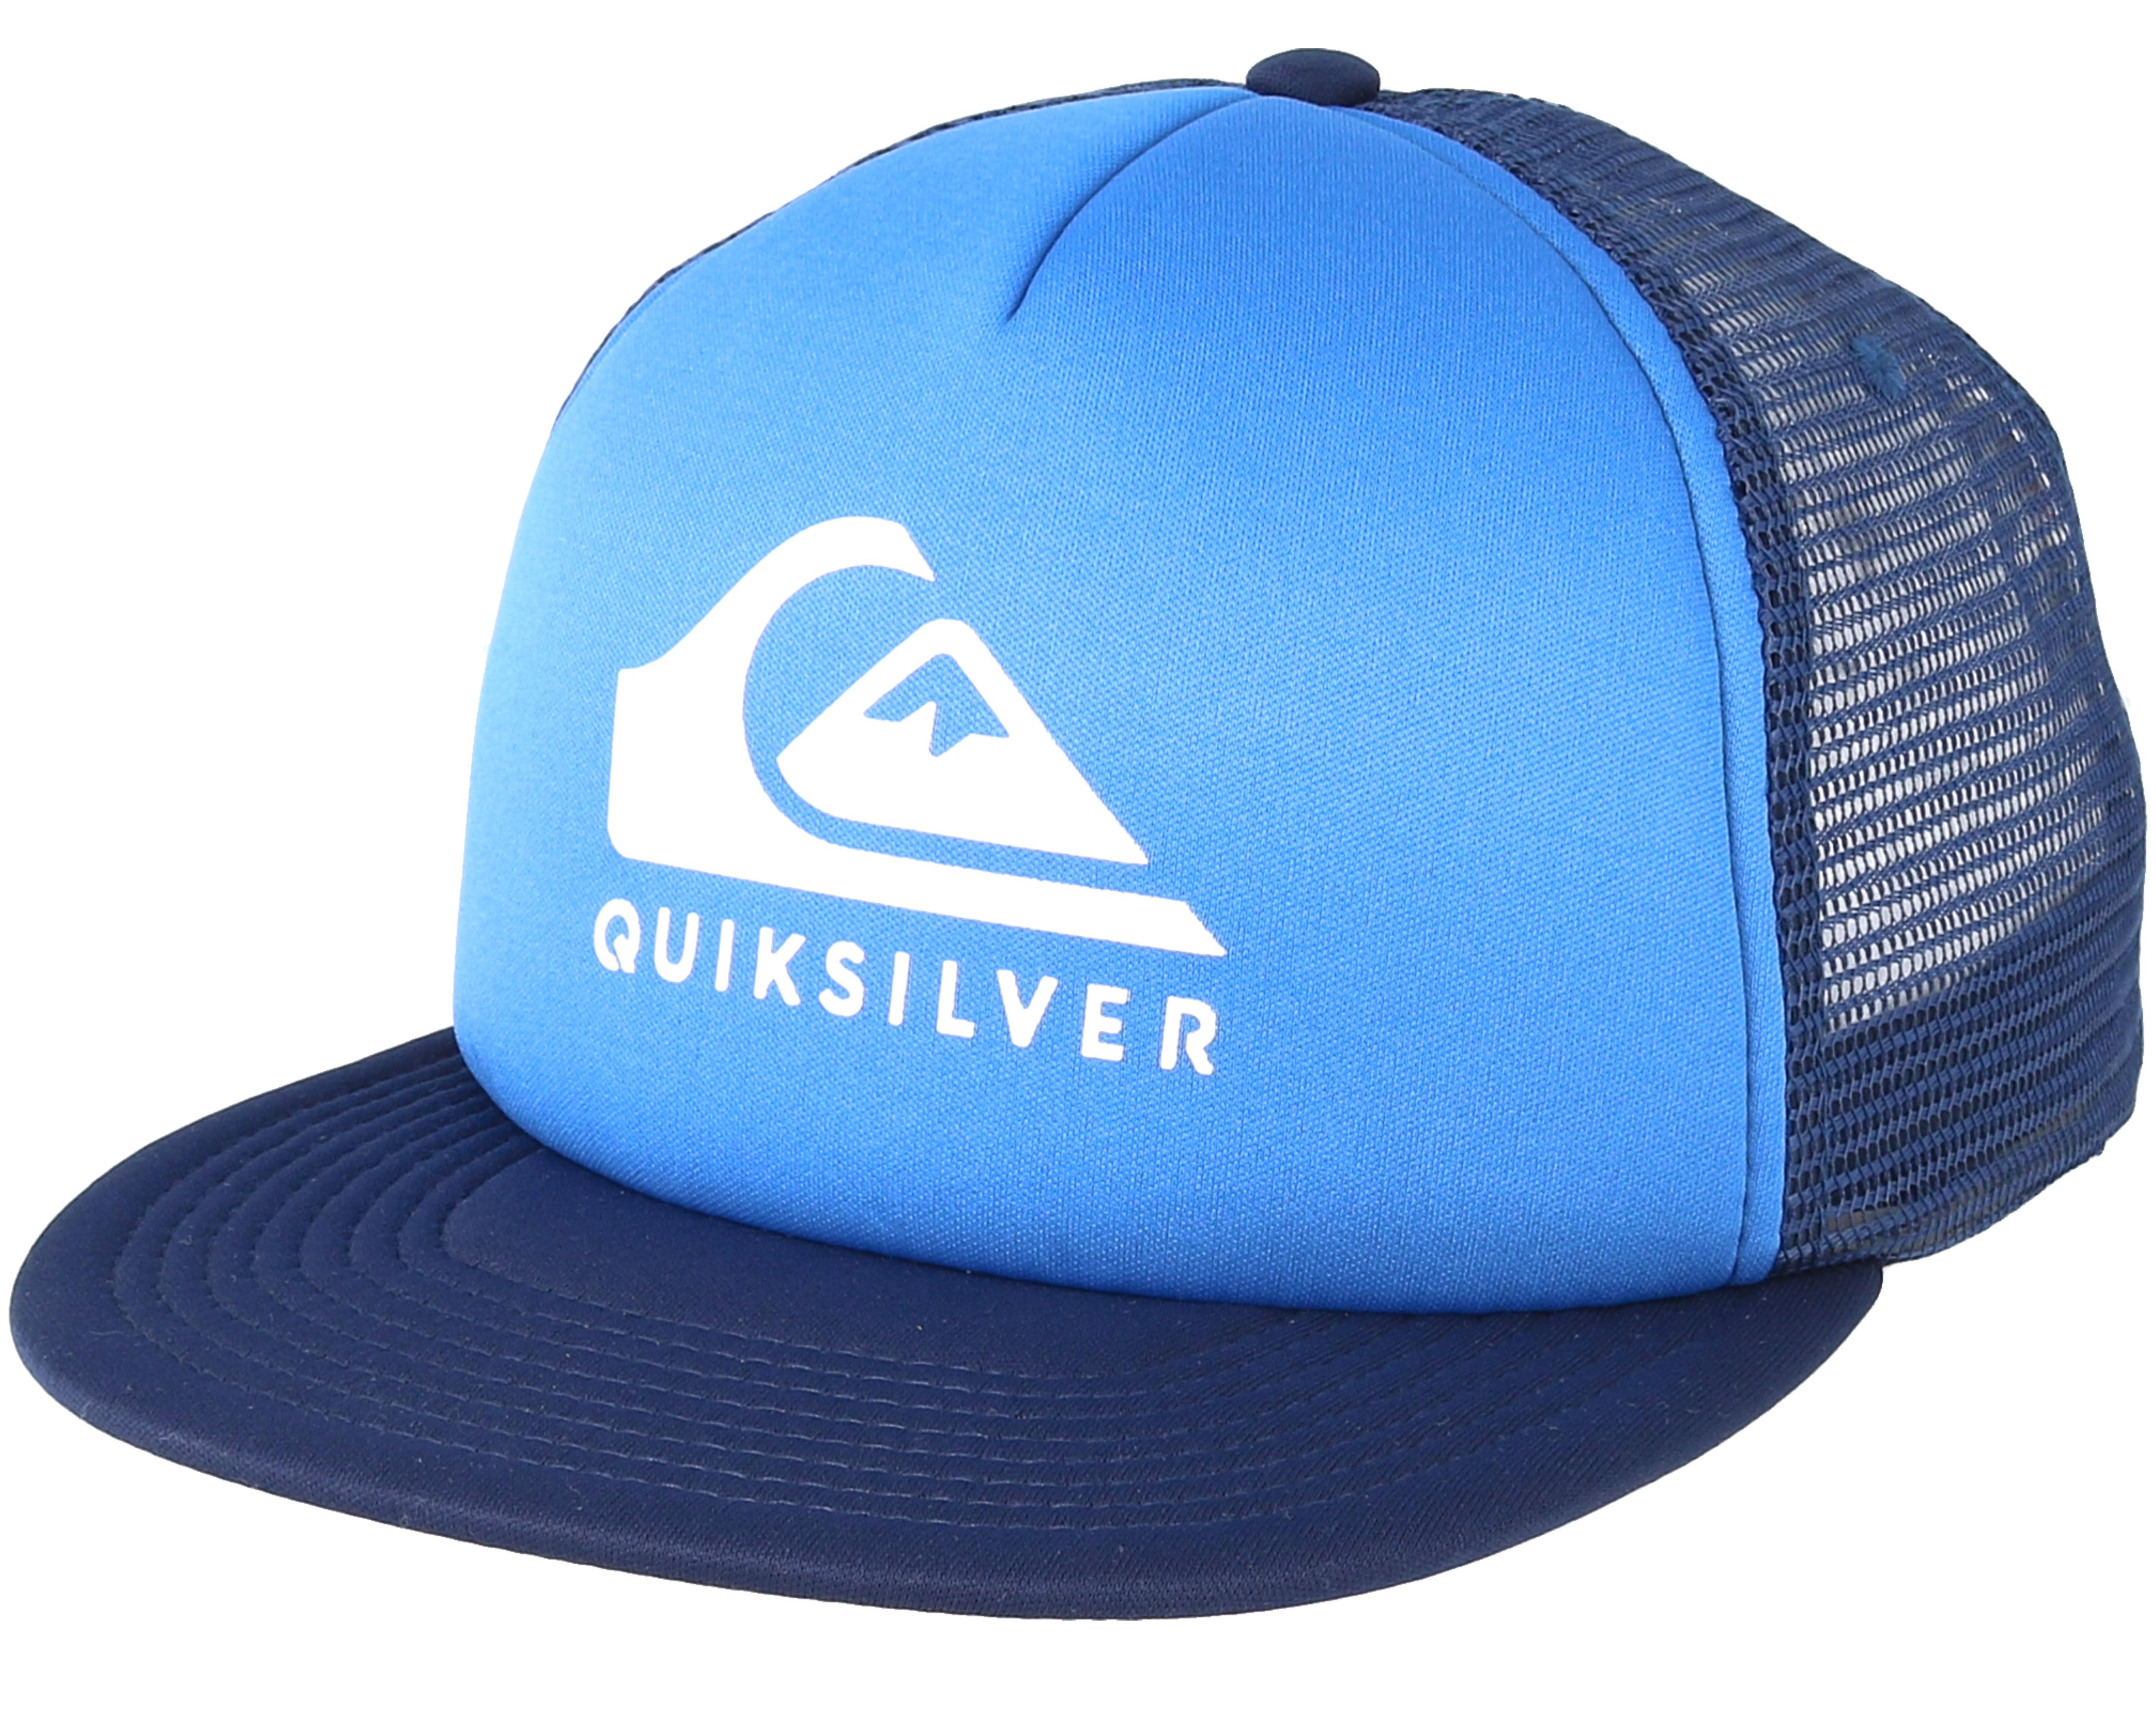 Foamslay Blue Trucker Quiksilver Cap Hatstore Nl